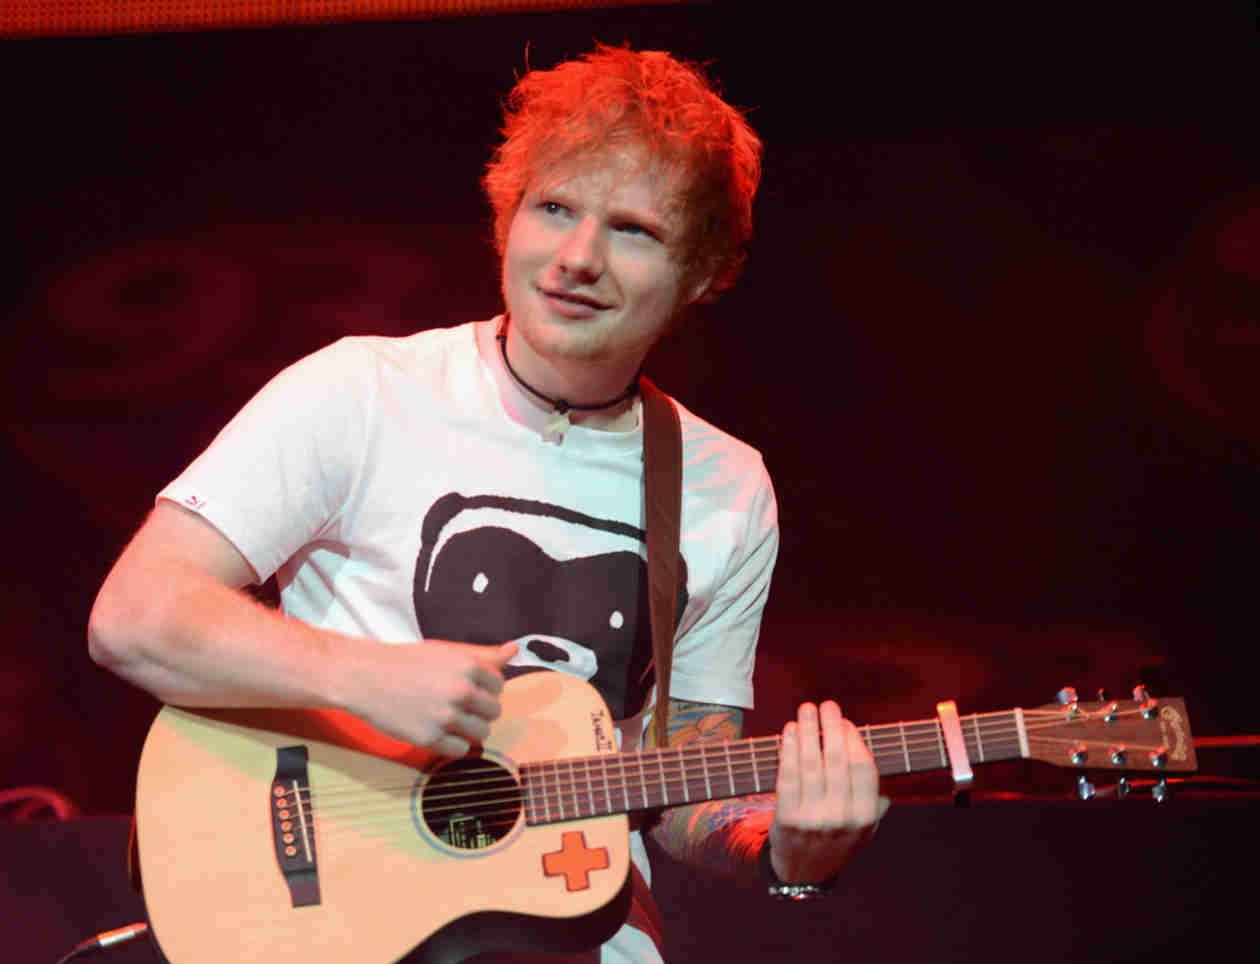 MTV Announces Ed Sheeran Docuseries, 9 Days and Nights of Ed Sheeran, Premiering June 10